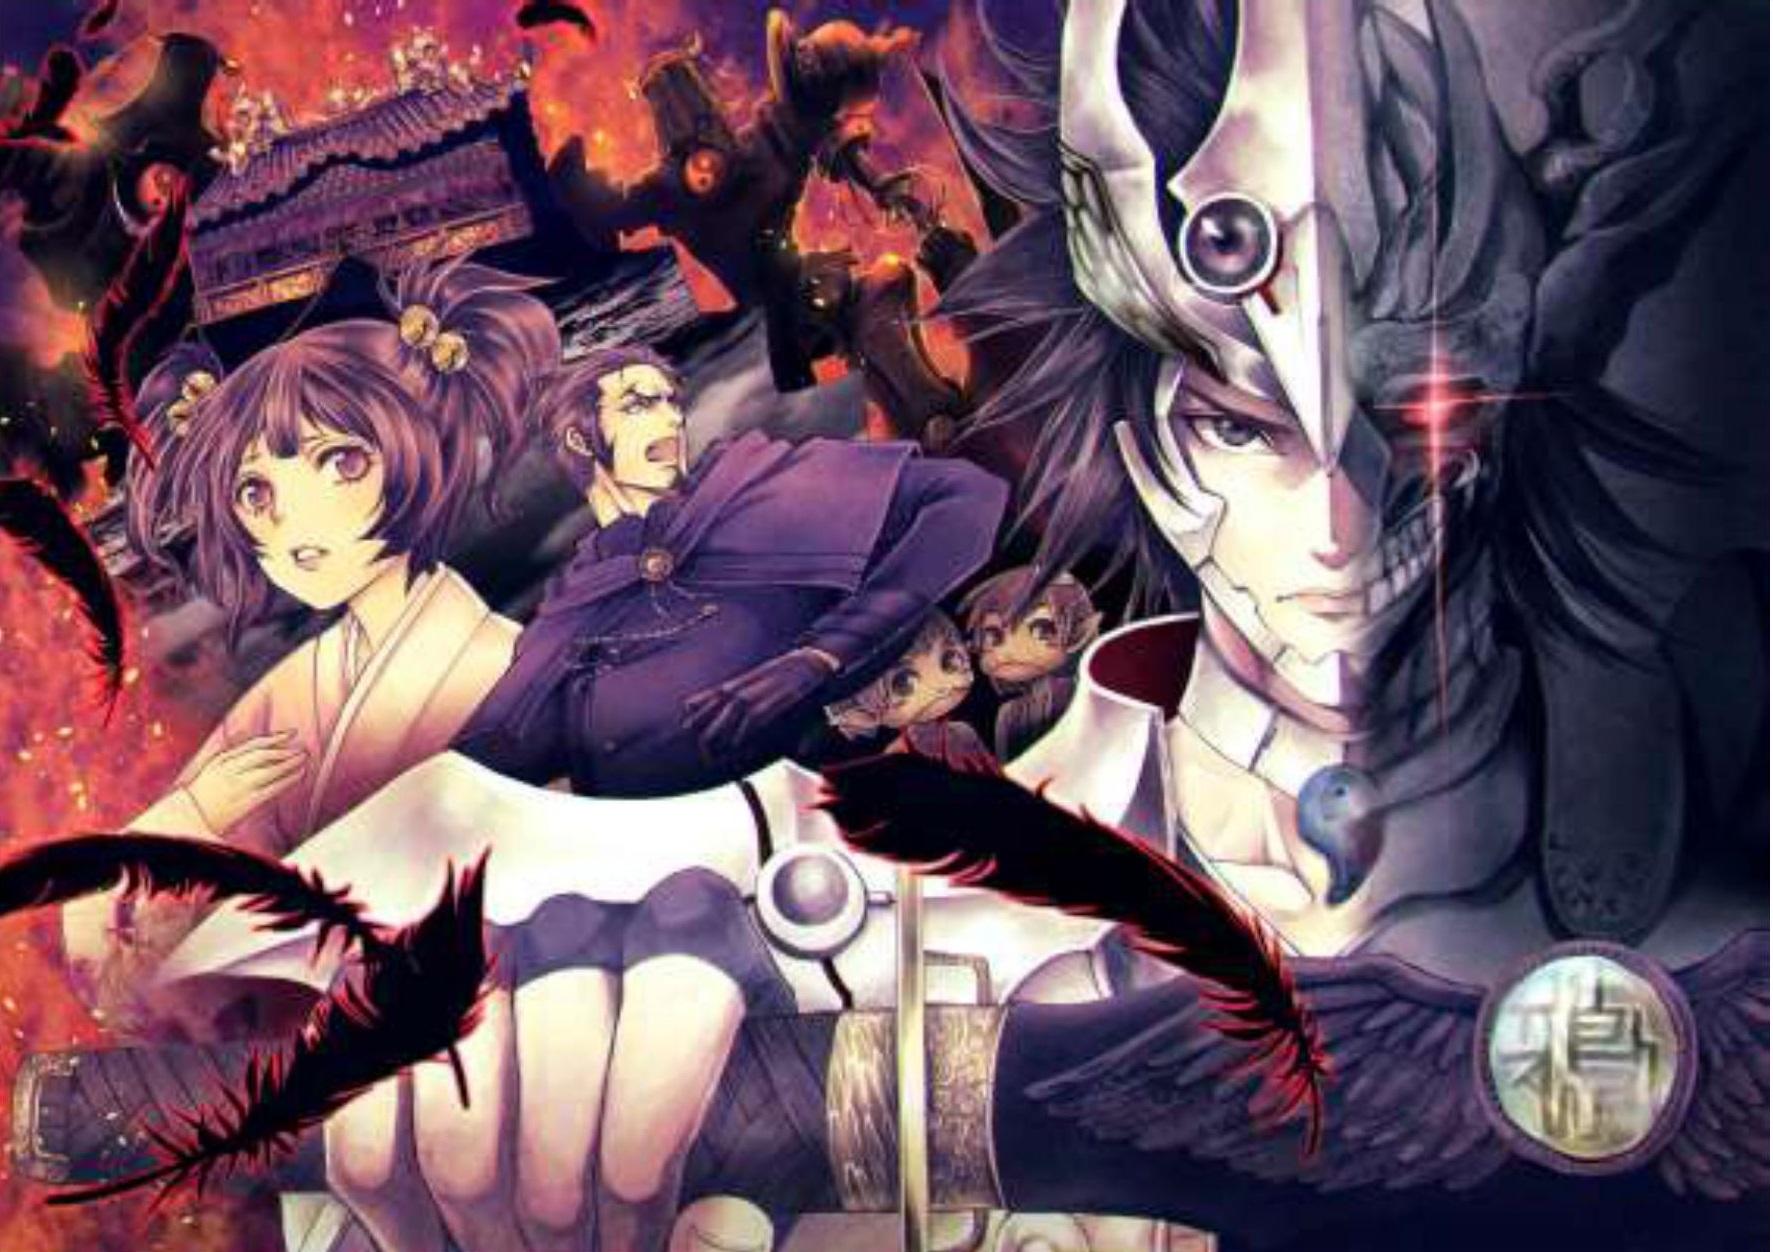 「コミック乱」にて『零鴉-Raven-』連載開始! トップクリエイター「さとうけいいち」初コミック作品